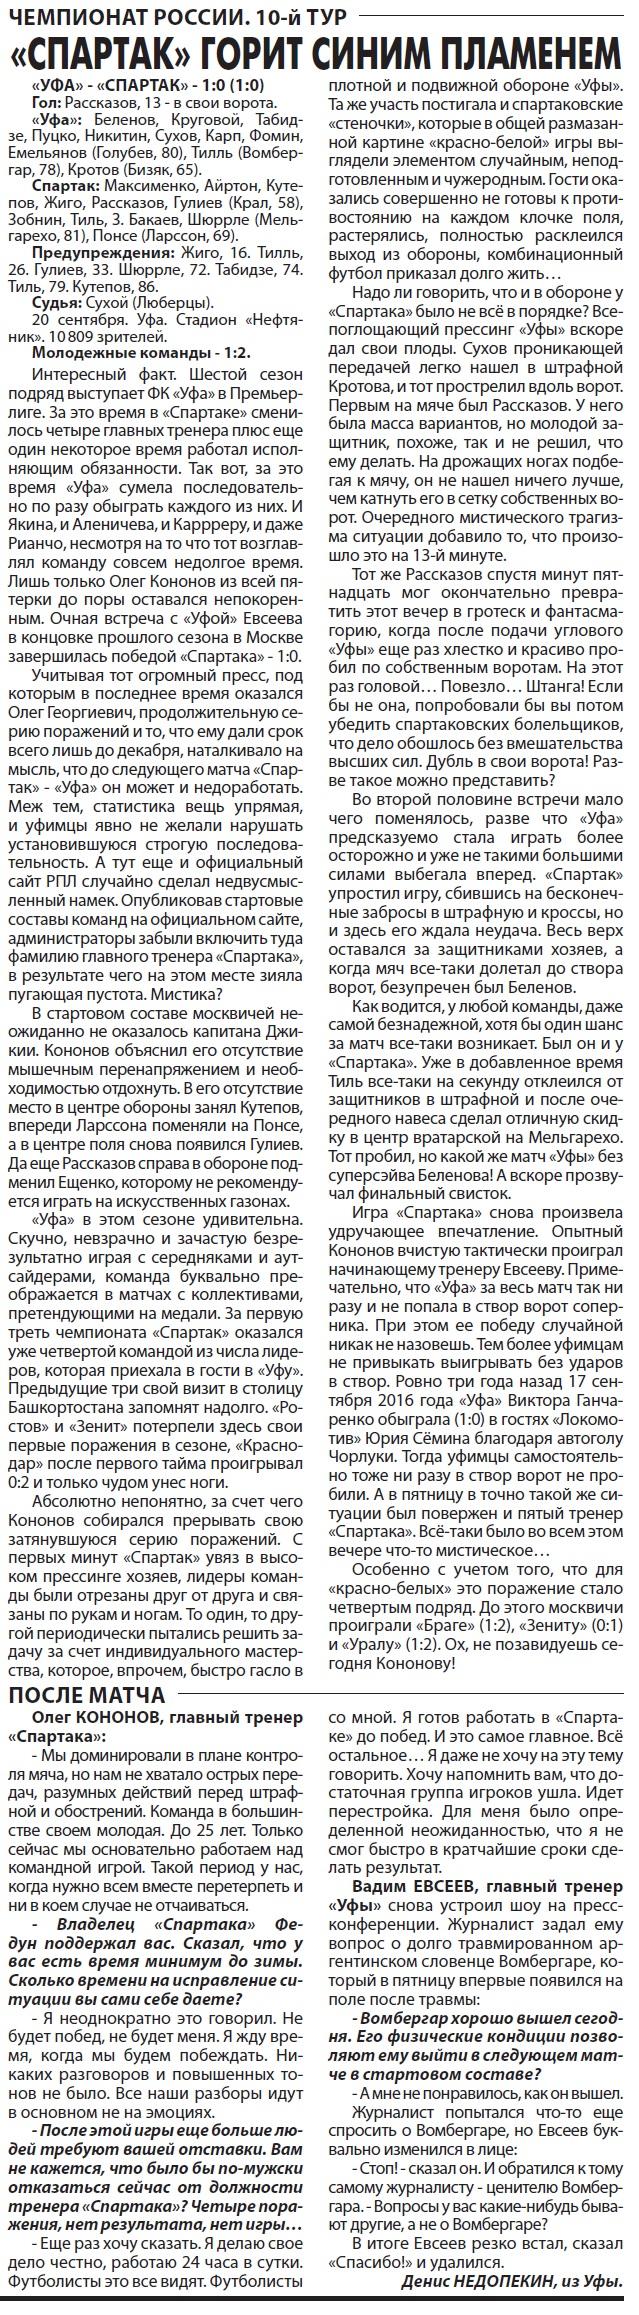 Уфа (Уфа) - Спартак (Москва) 1:0